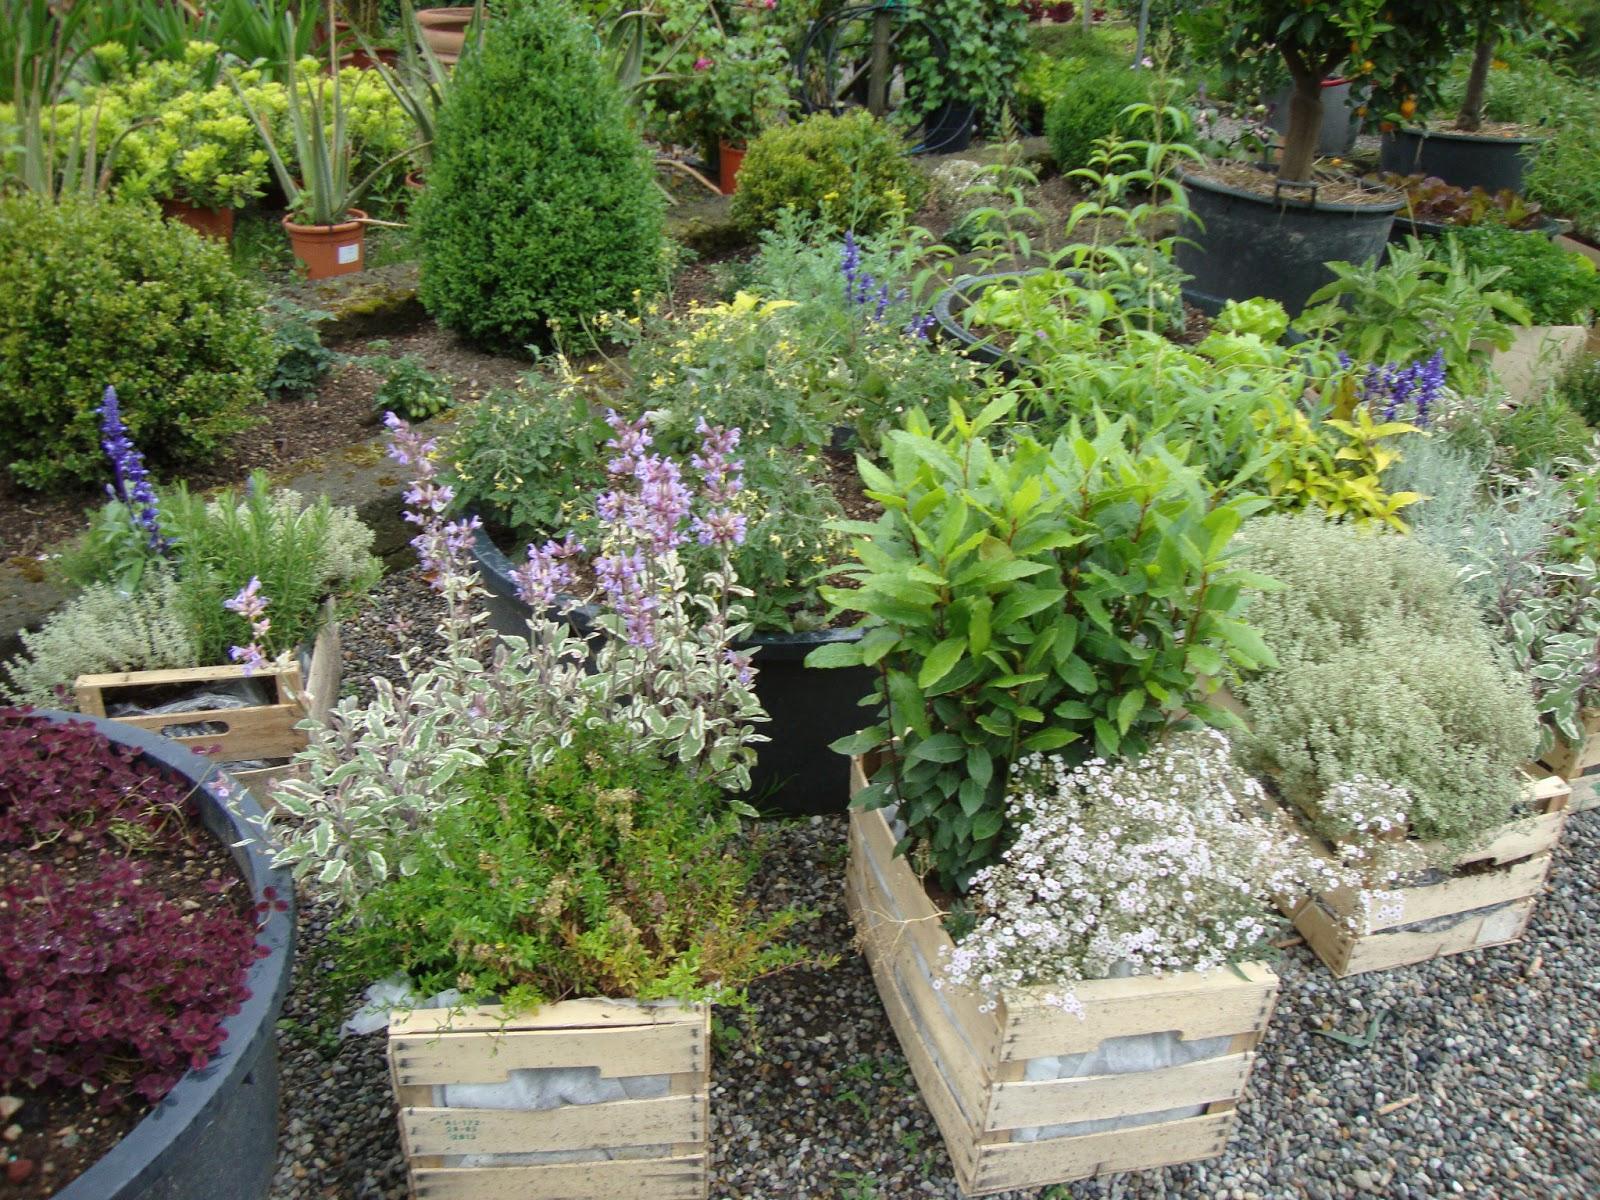 Exceptionnel Un piccolo giardino in città: Coltivare i fiori insieme agli  CF92